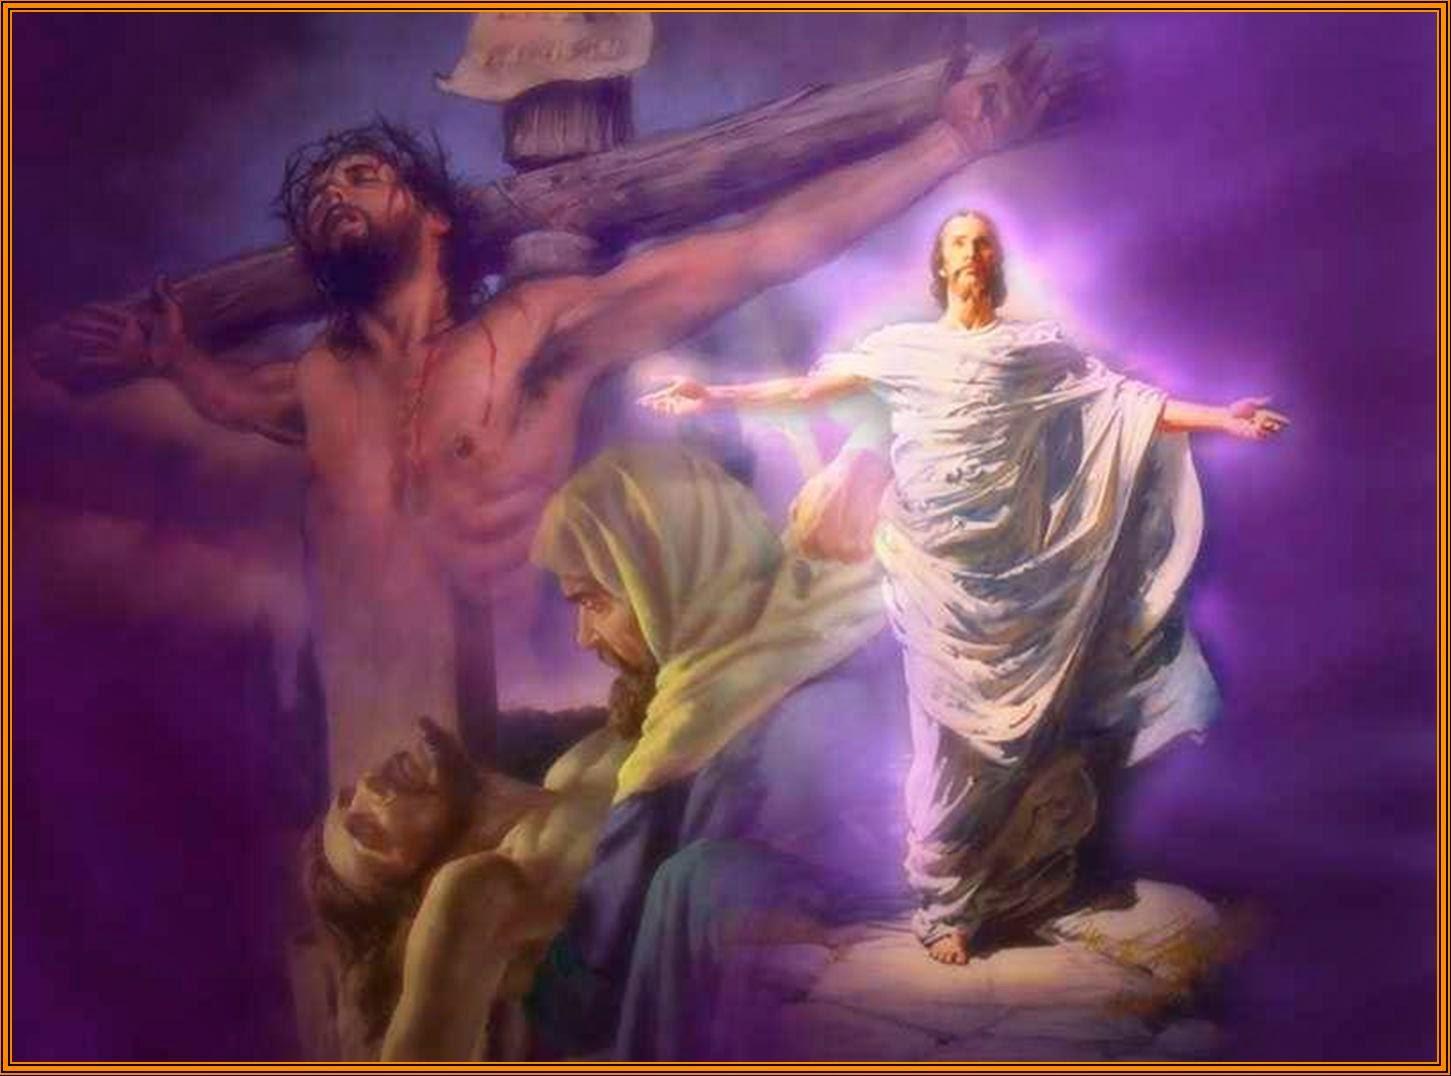 CHẾT NHƯ CHÚA GIÊSU – ĐỨC TIN VÀ NỖI SỢ